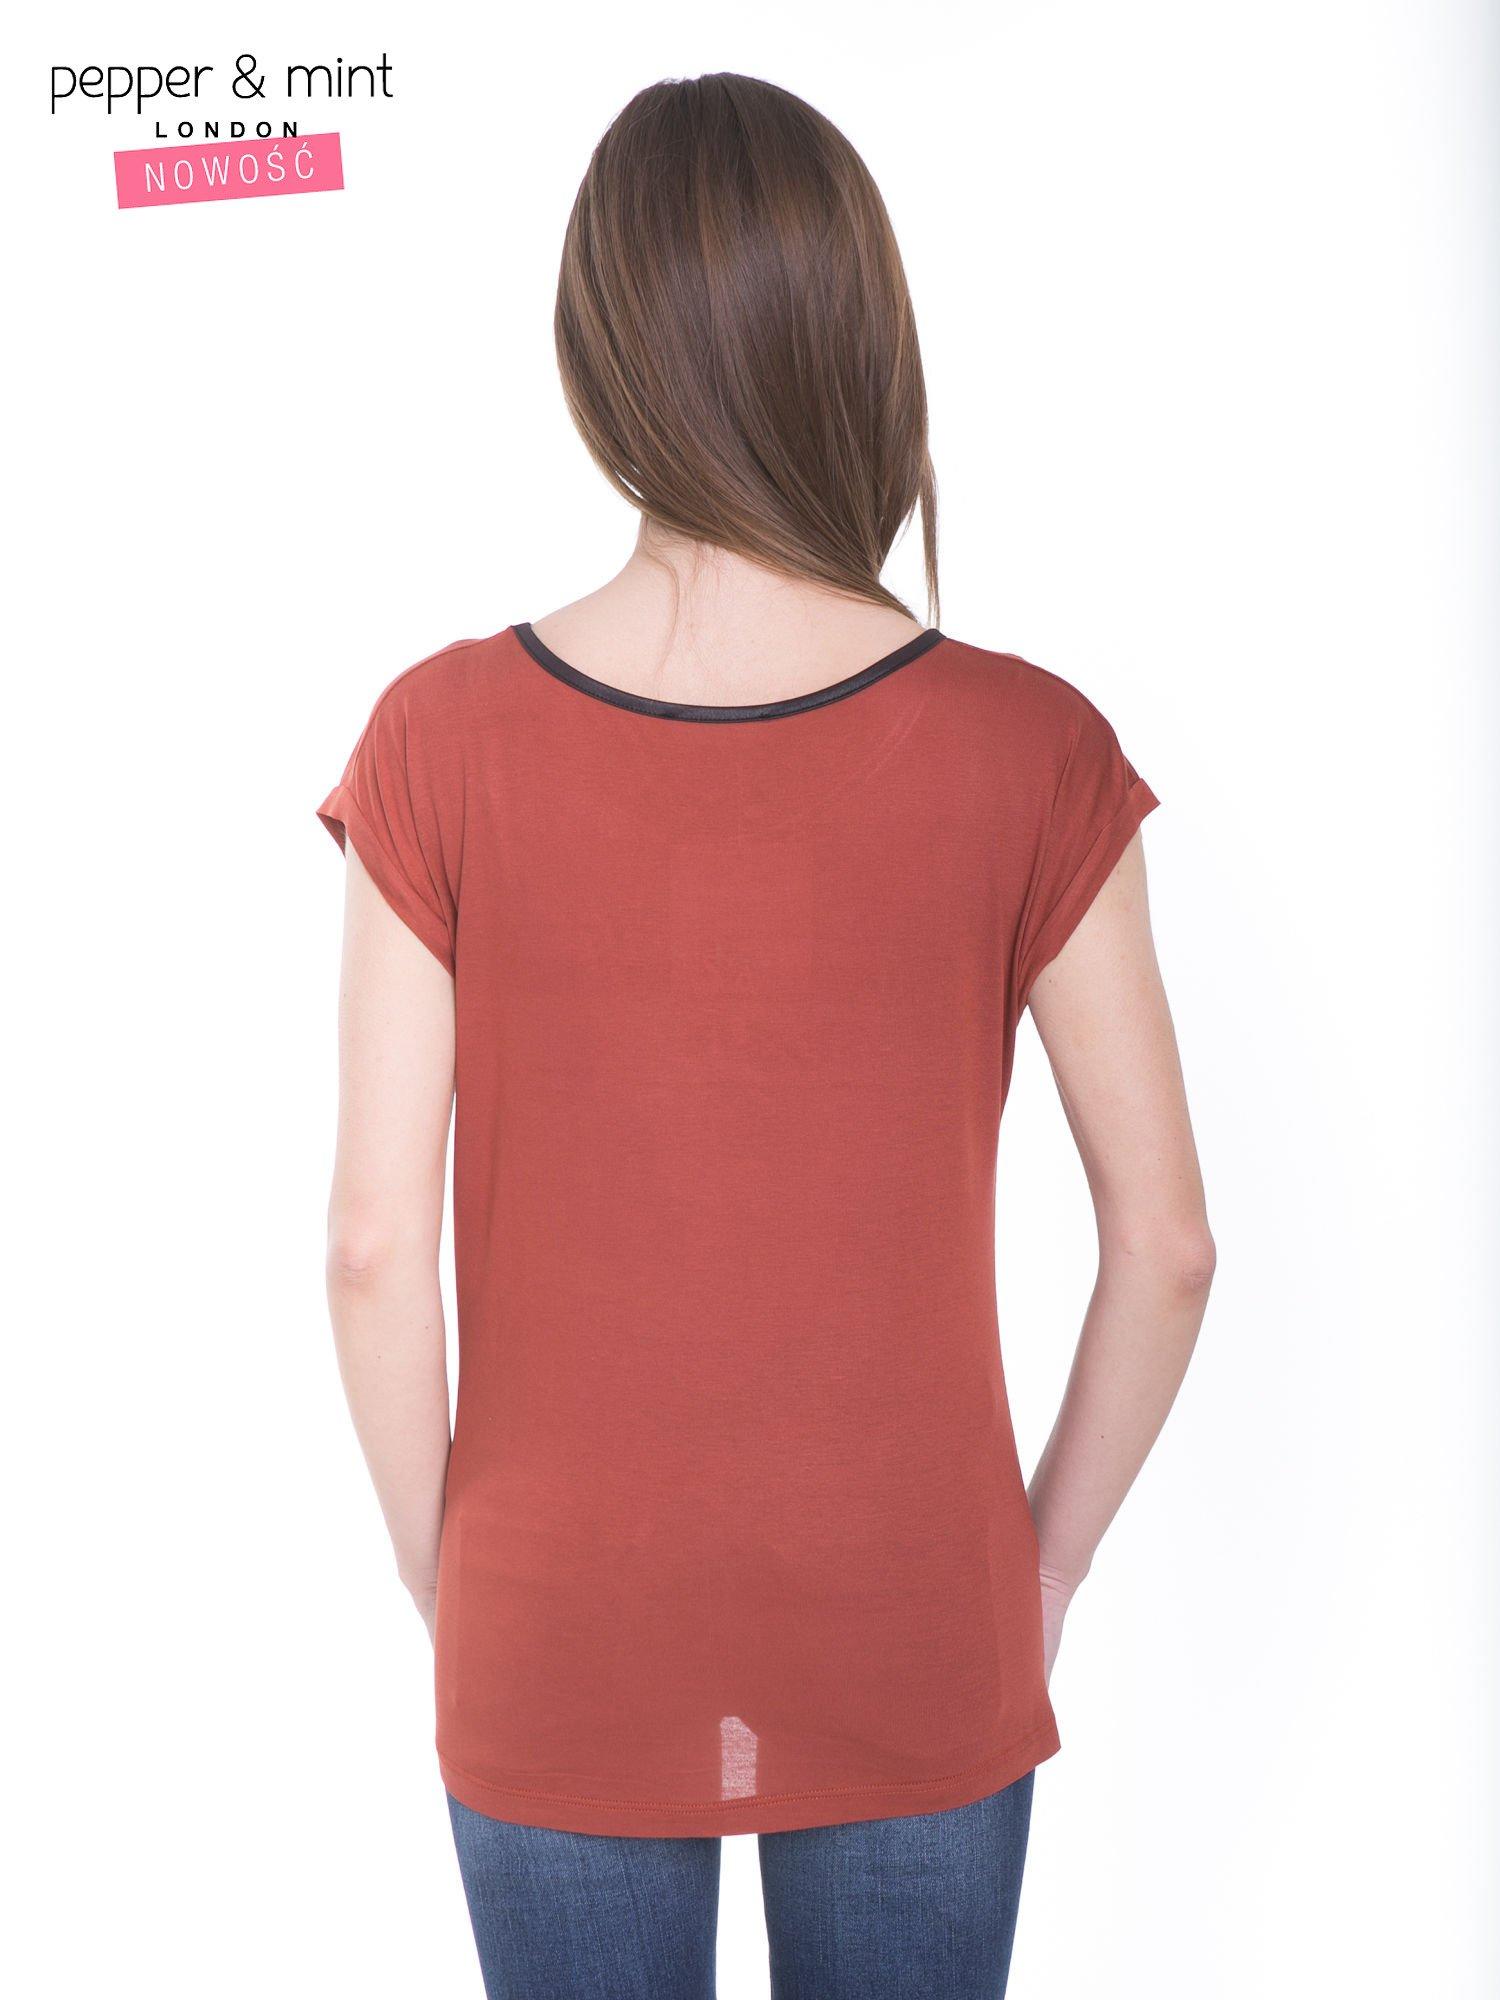 Brązowy t-shirt z kwiatowym nadrukiem i napisem UNIMAGINABLE SENSE                                  zdj.                                  4